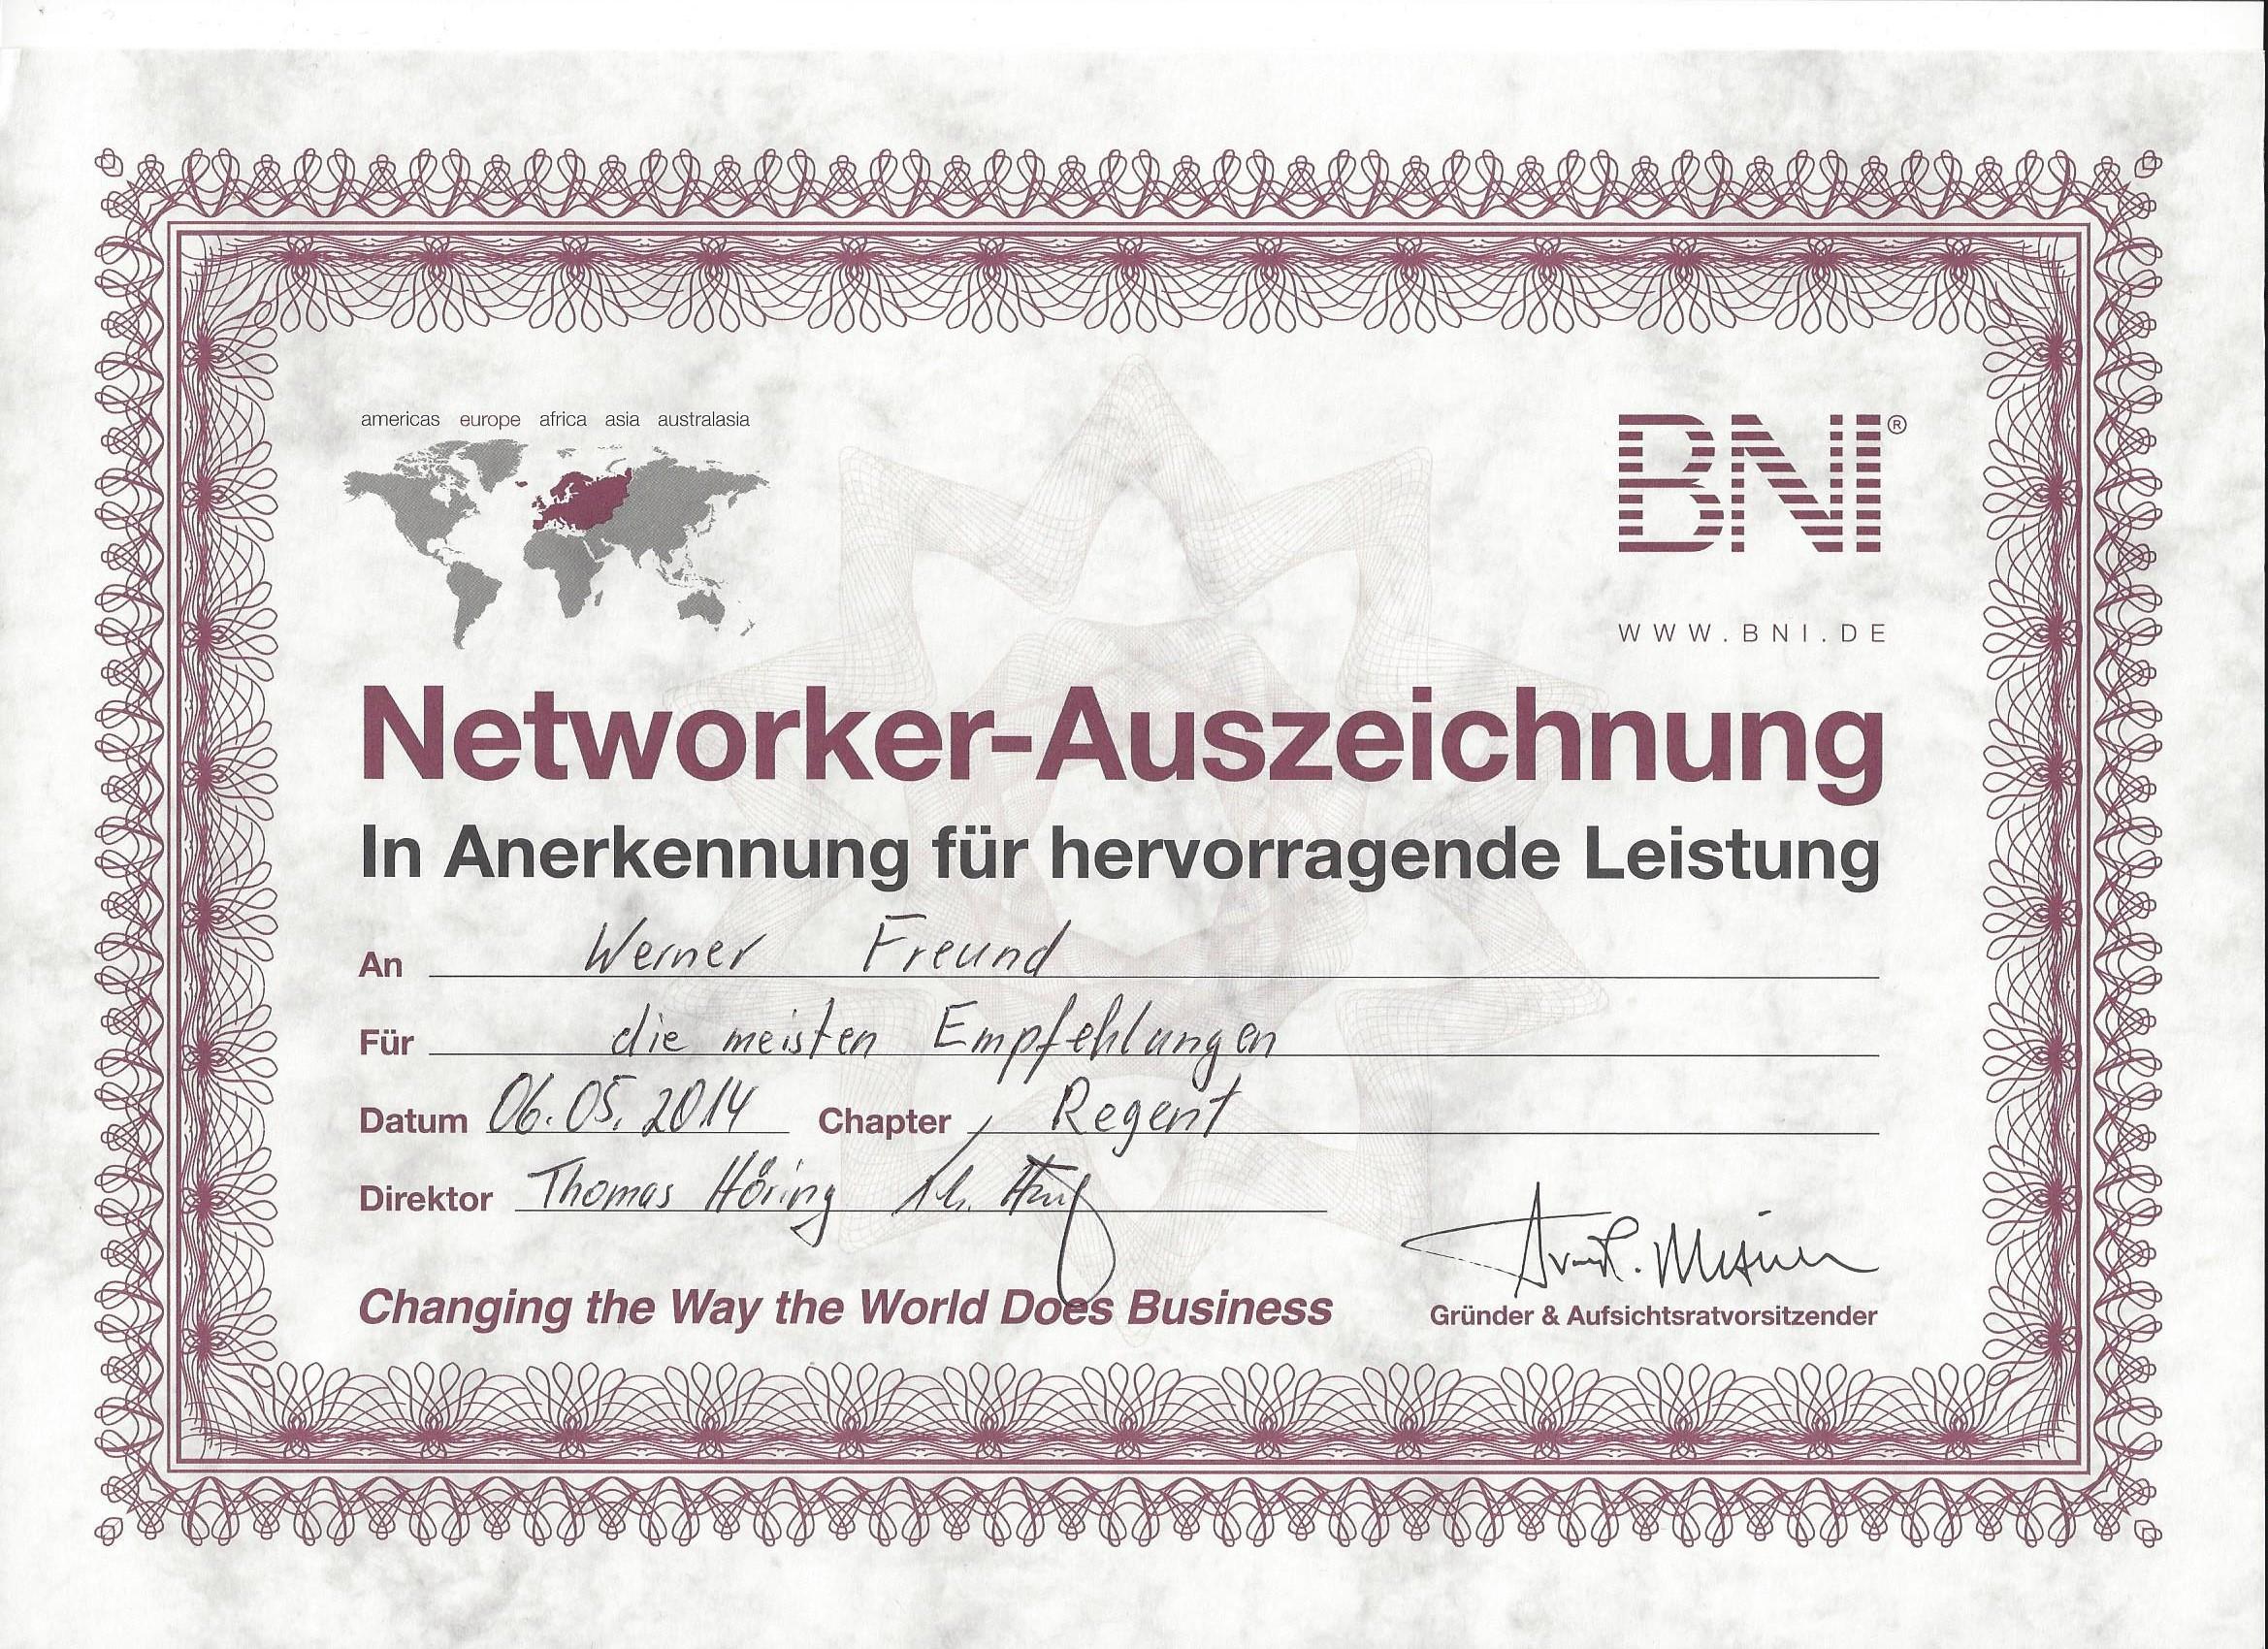 BNI_Networker_Auszeichnung_2